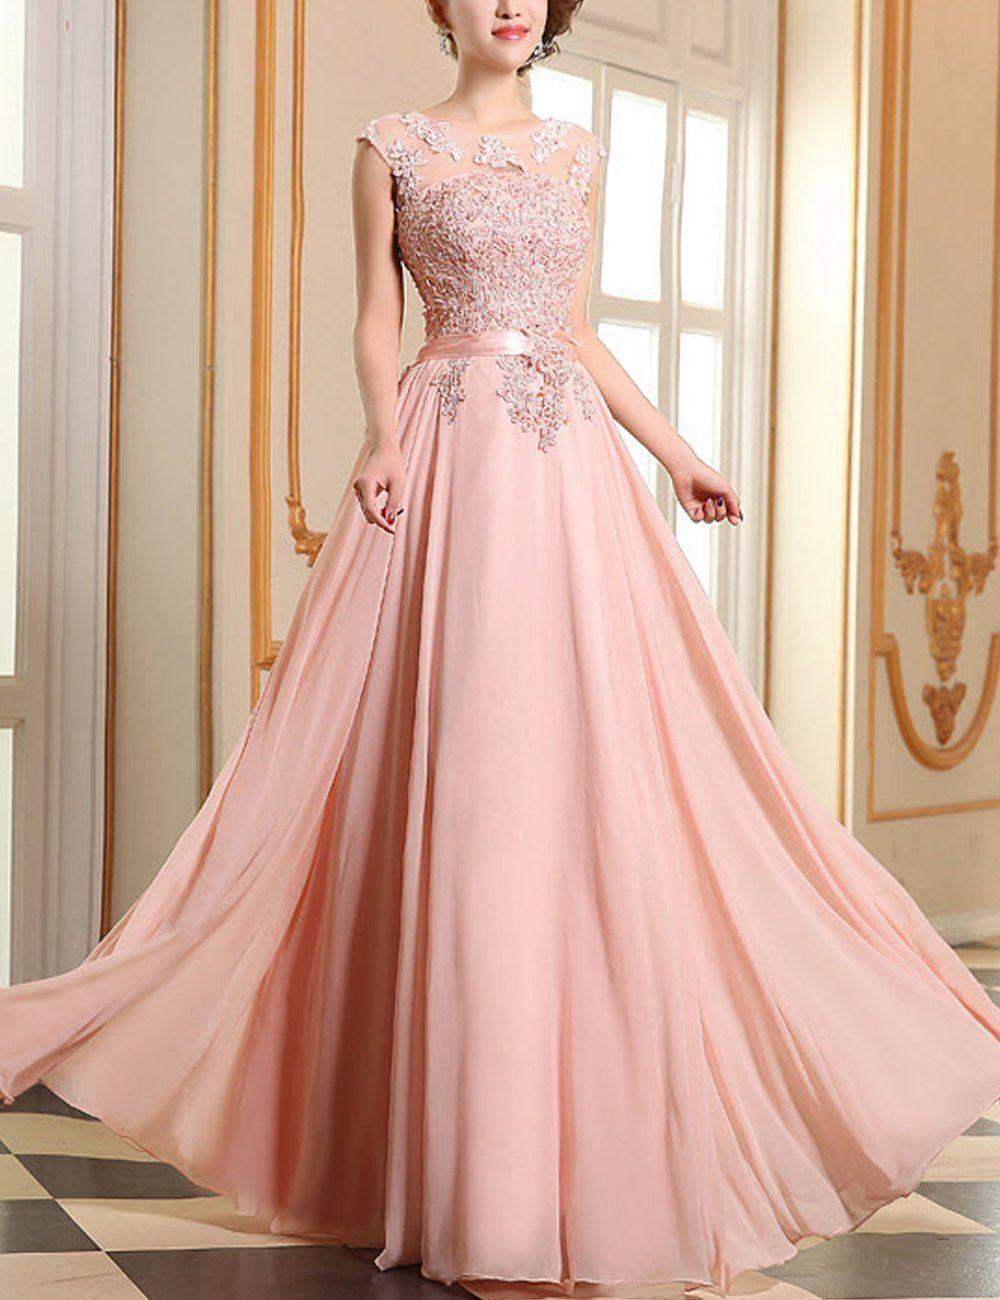 17 Kreativ Abend Kleid Rosa StylishDesigner Schön Abend Kleid Rosa Stylish